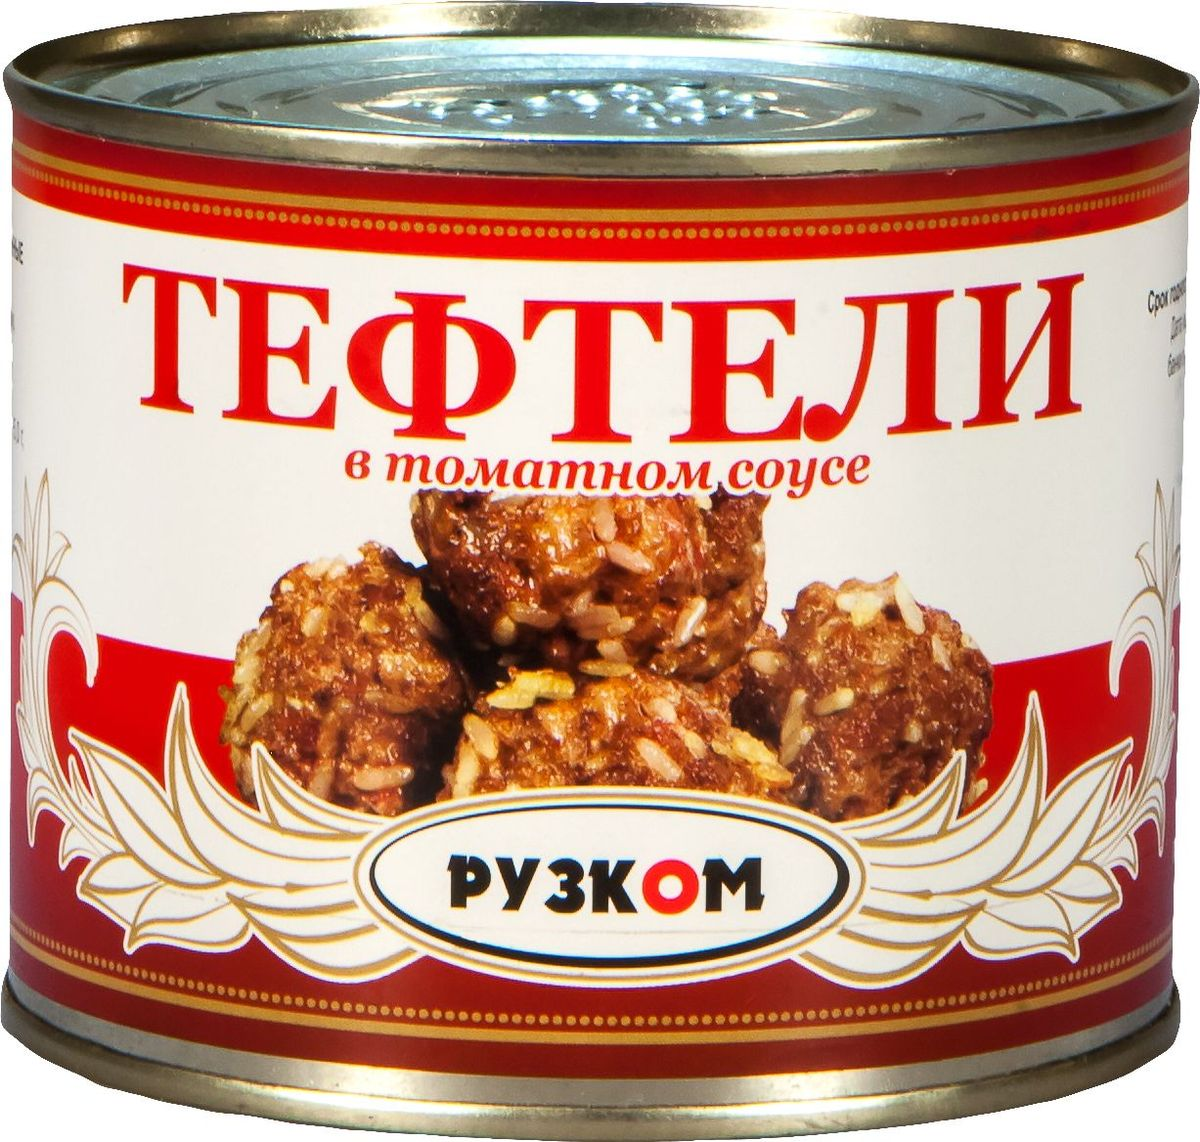 Рузком Тефтели в томатном соусе, 540 г